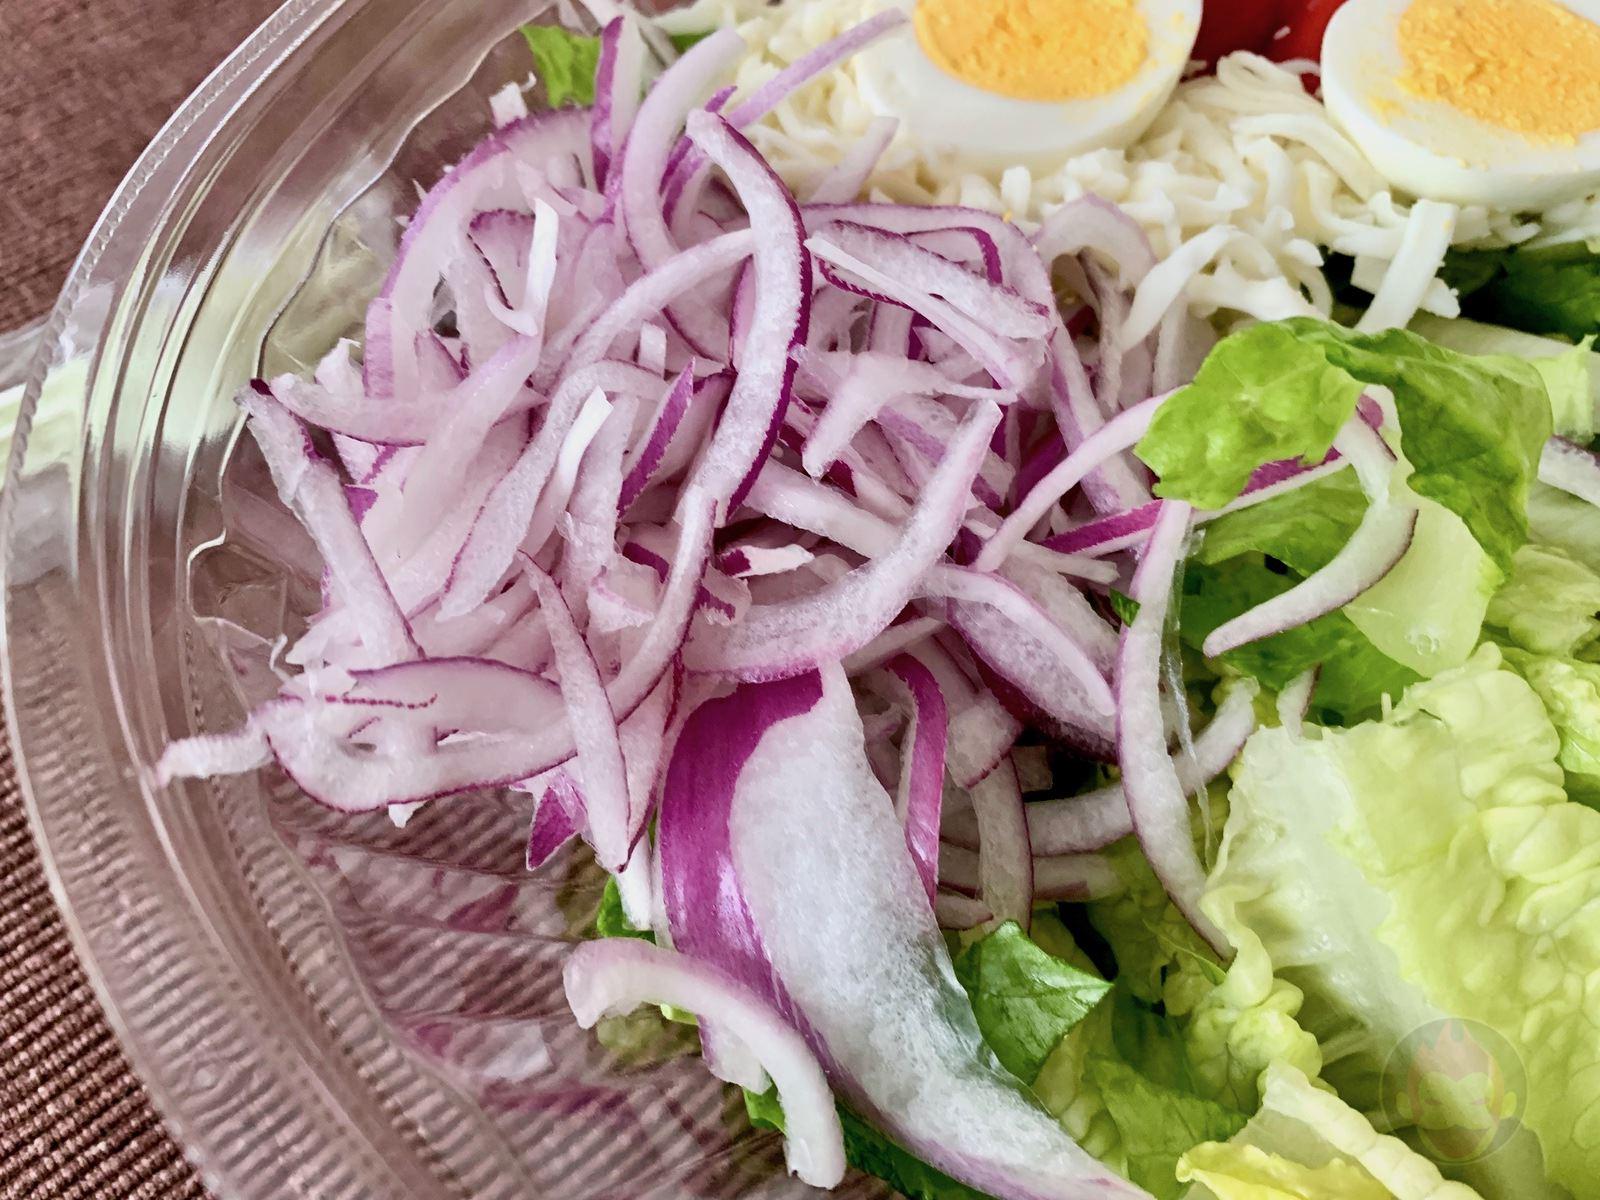 Costco Cobb Salad 07